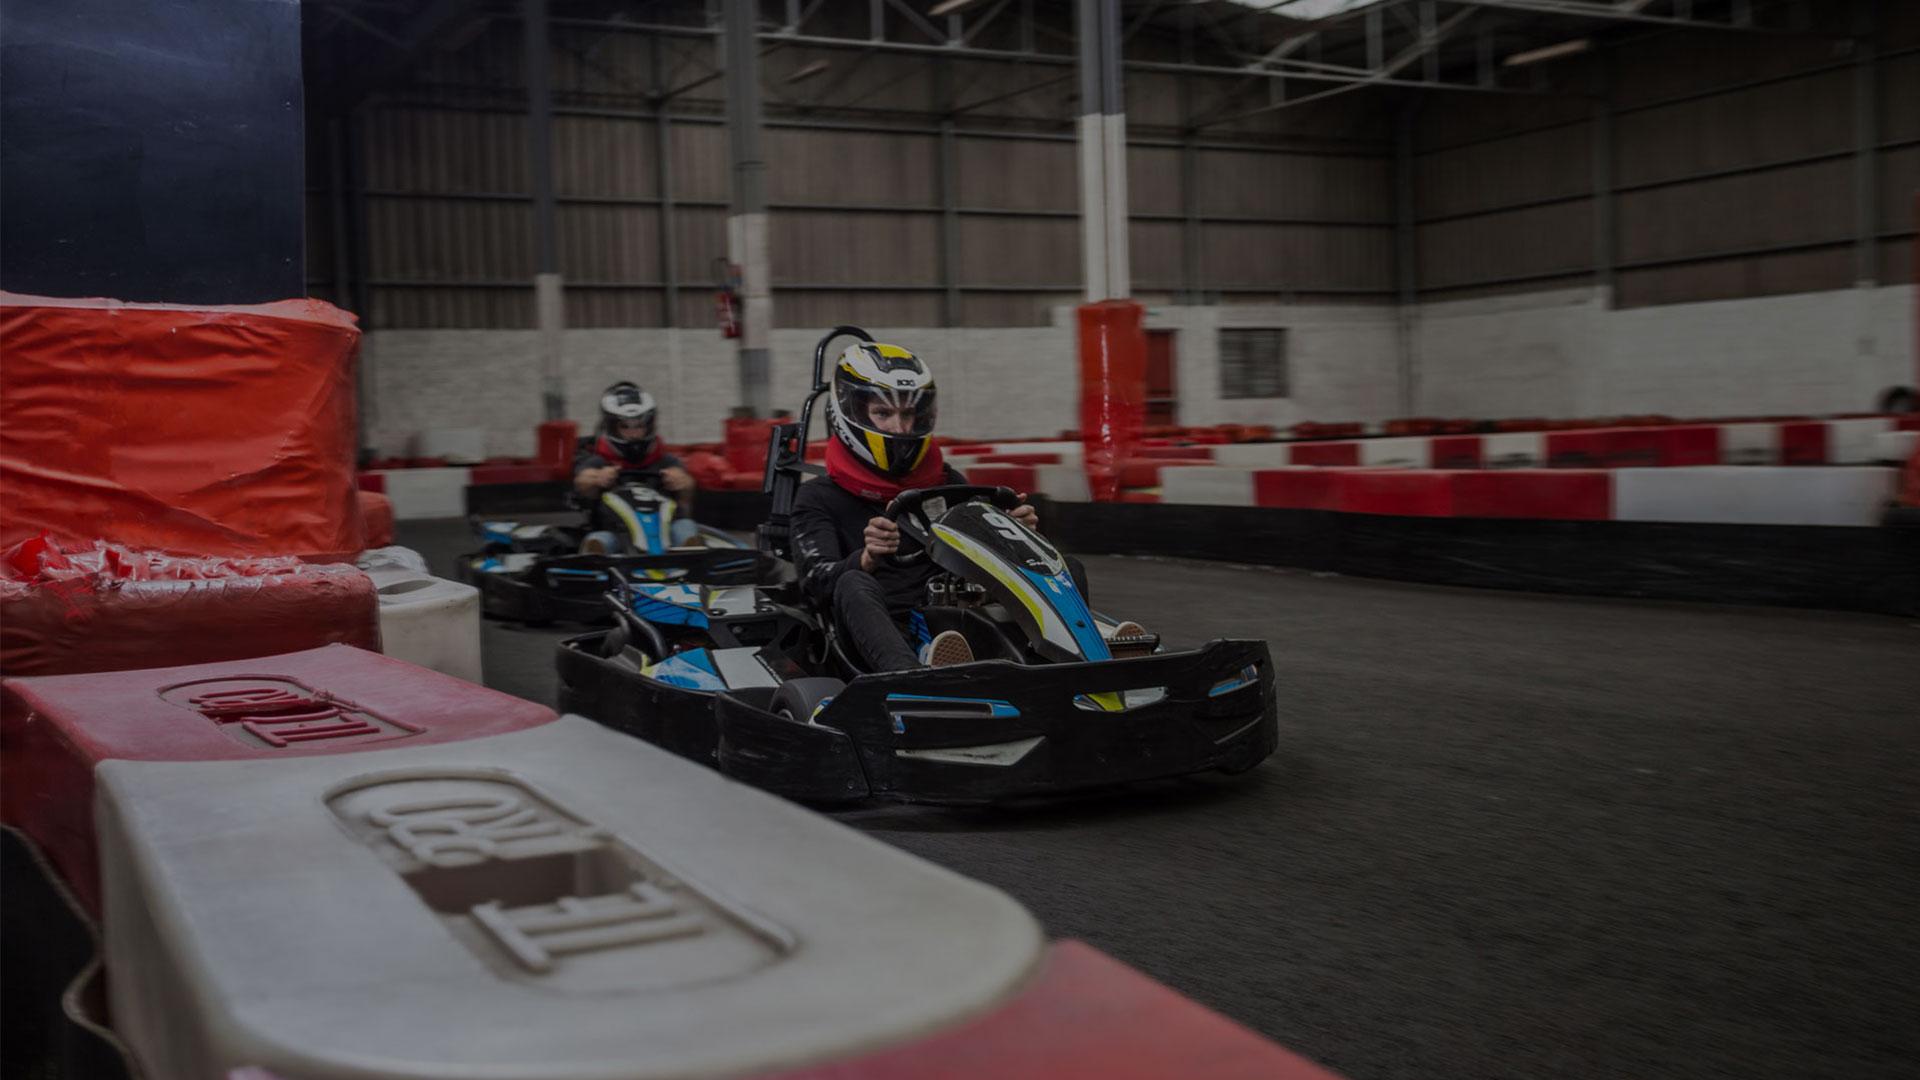 Kart West Laser Game Quimper